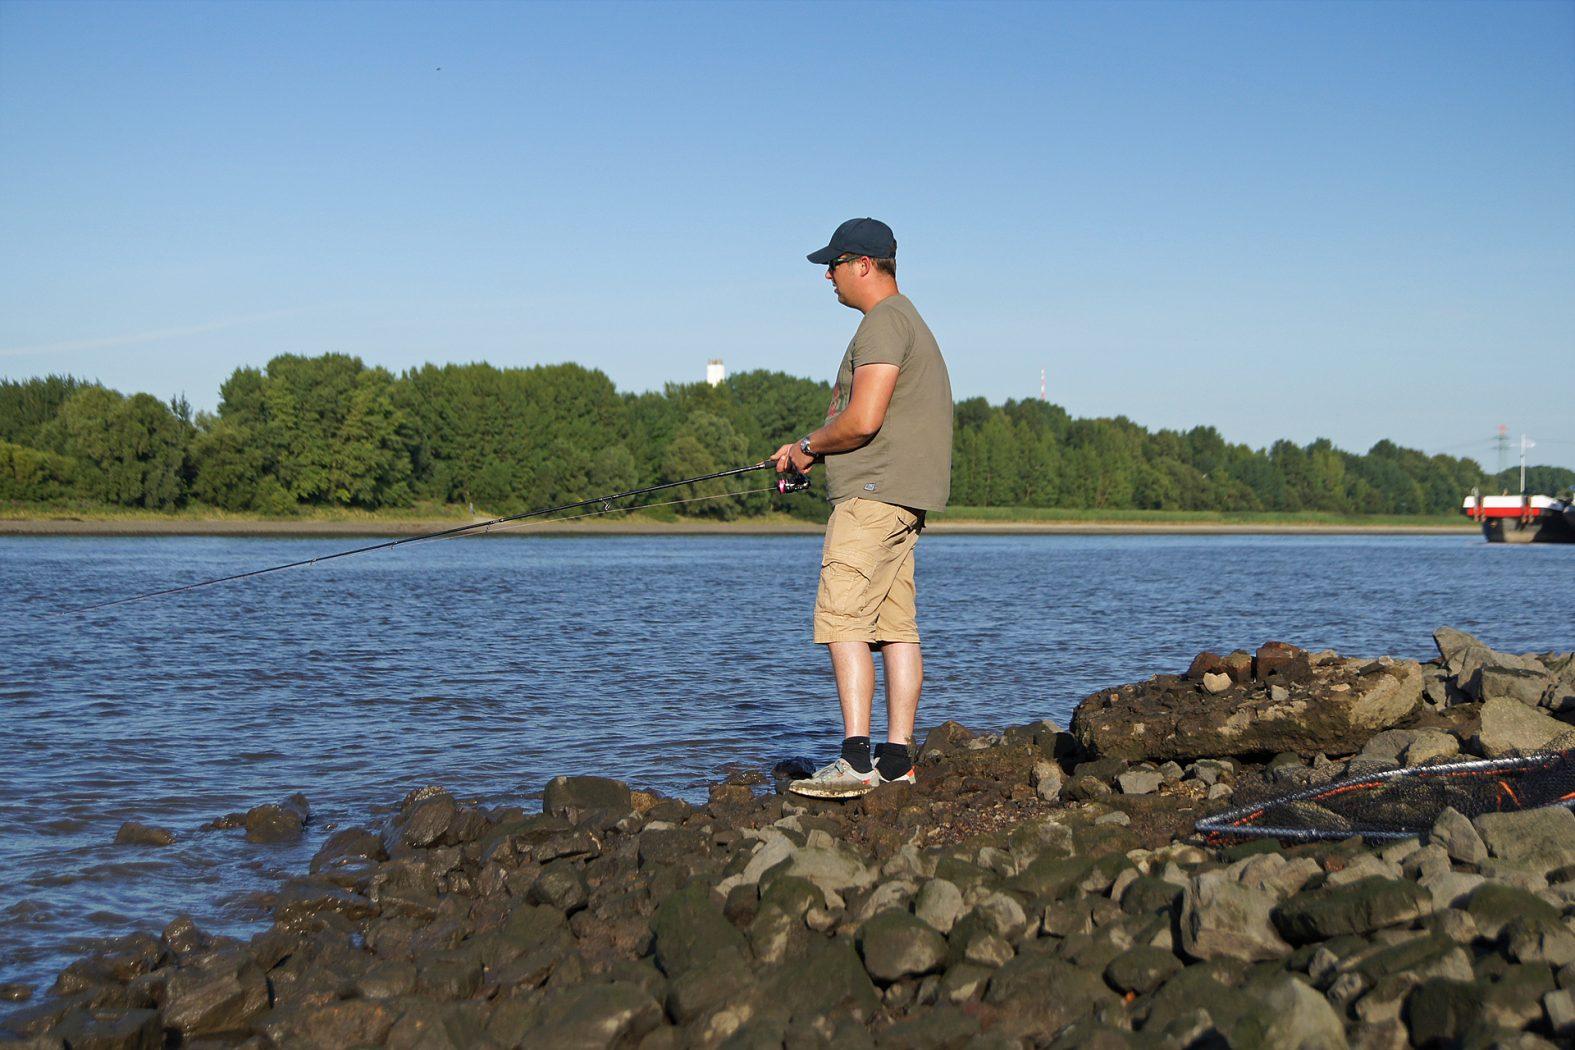 Zander angeln am Fluss